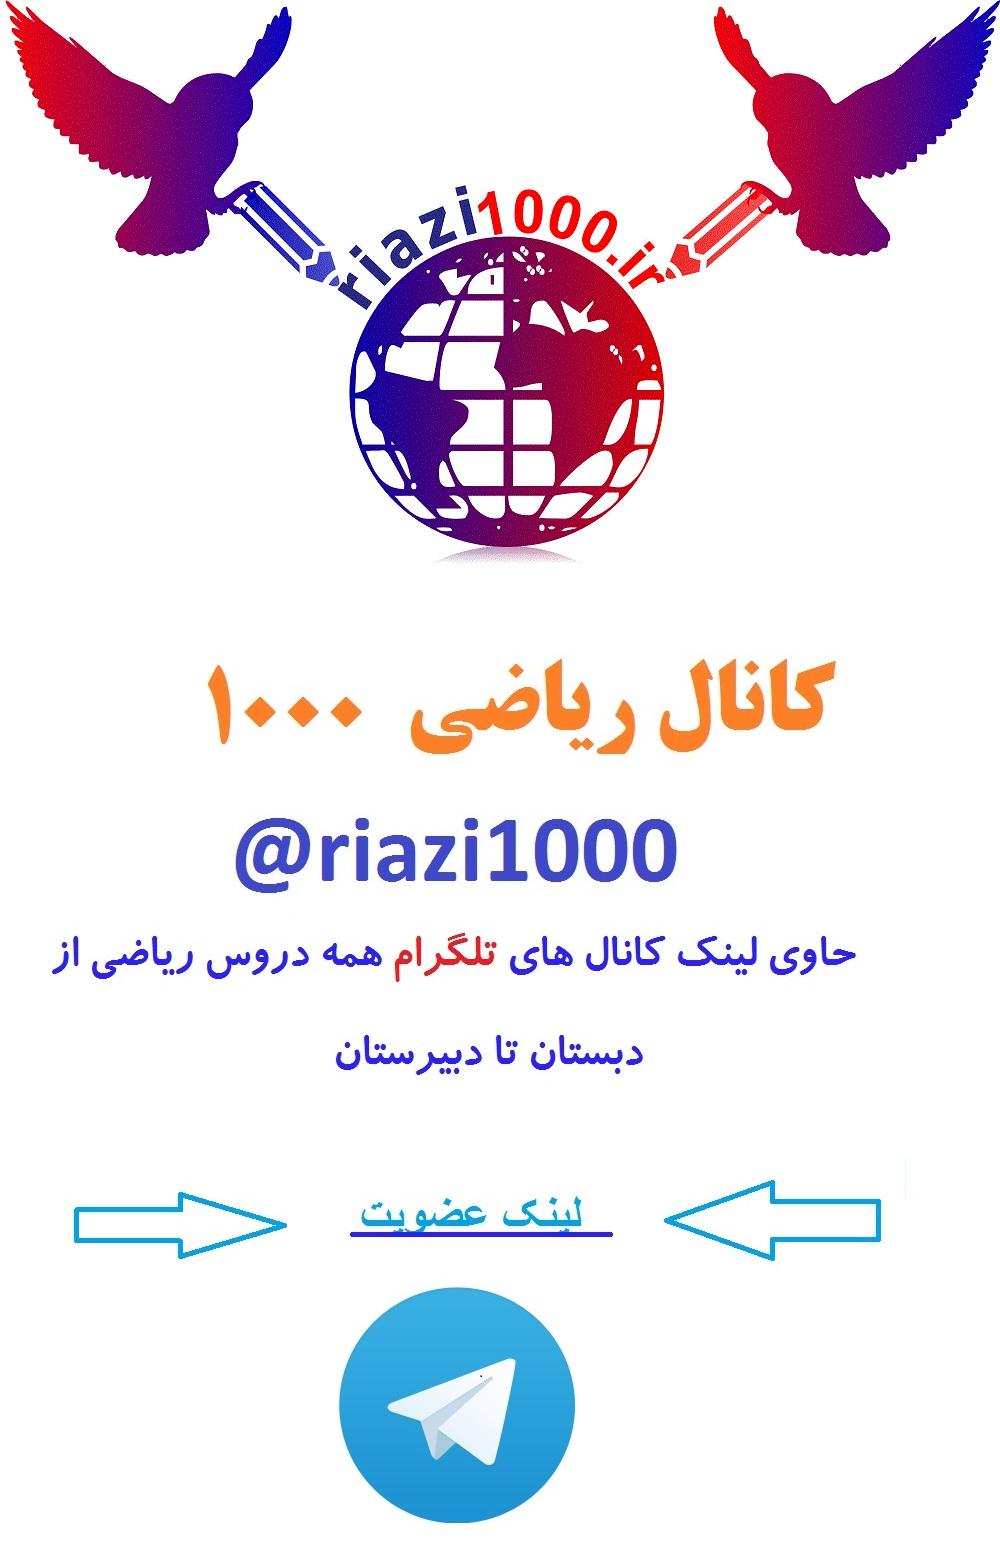 کانال ریاضی 1000